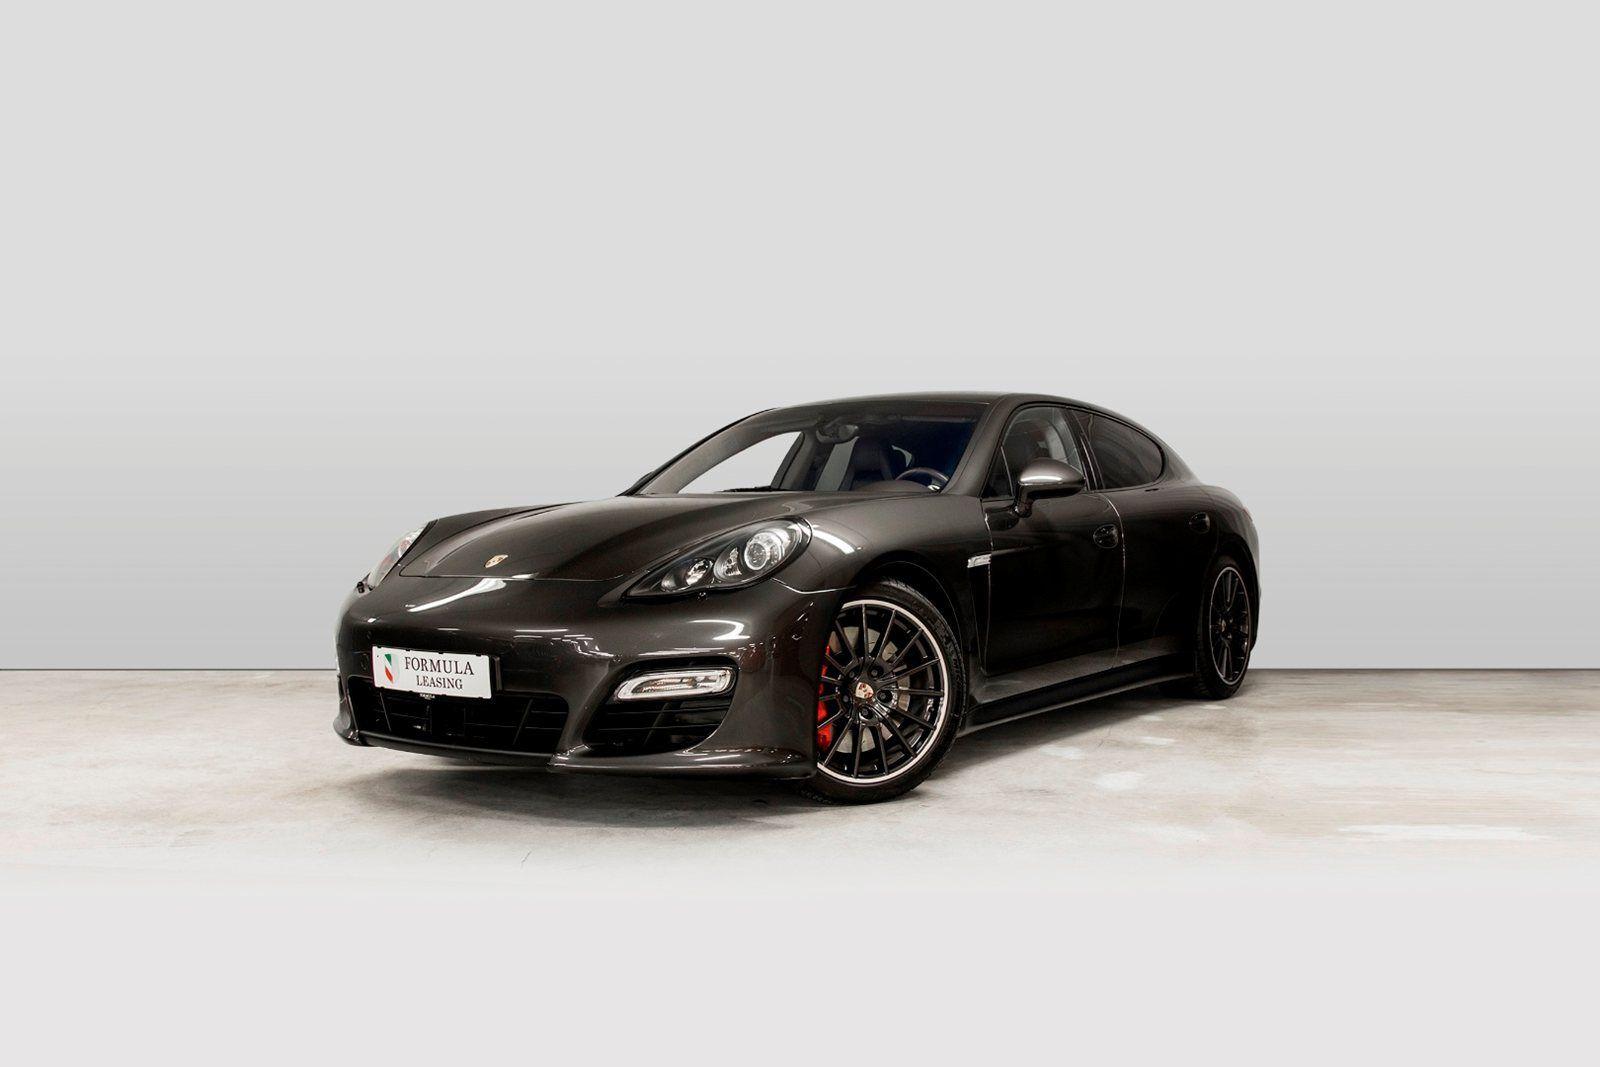 Porsche Panamera GTS 4,8 PDK 5d - 300.000 kr.